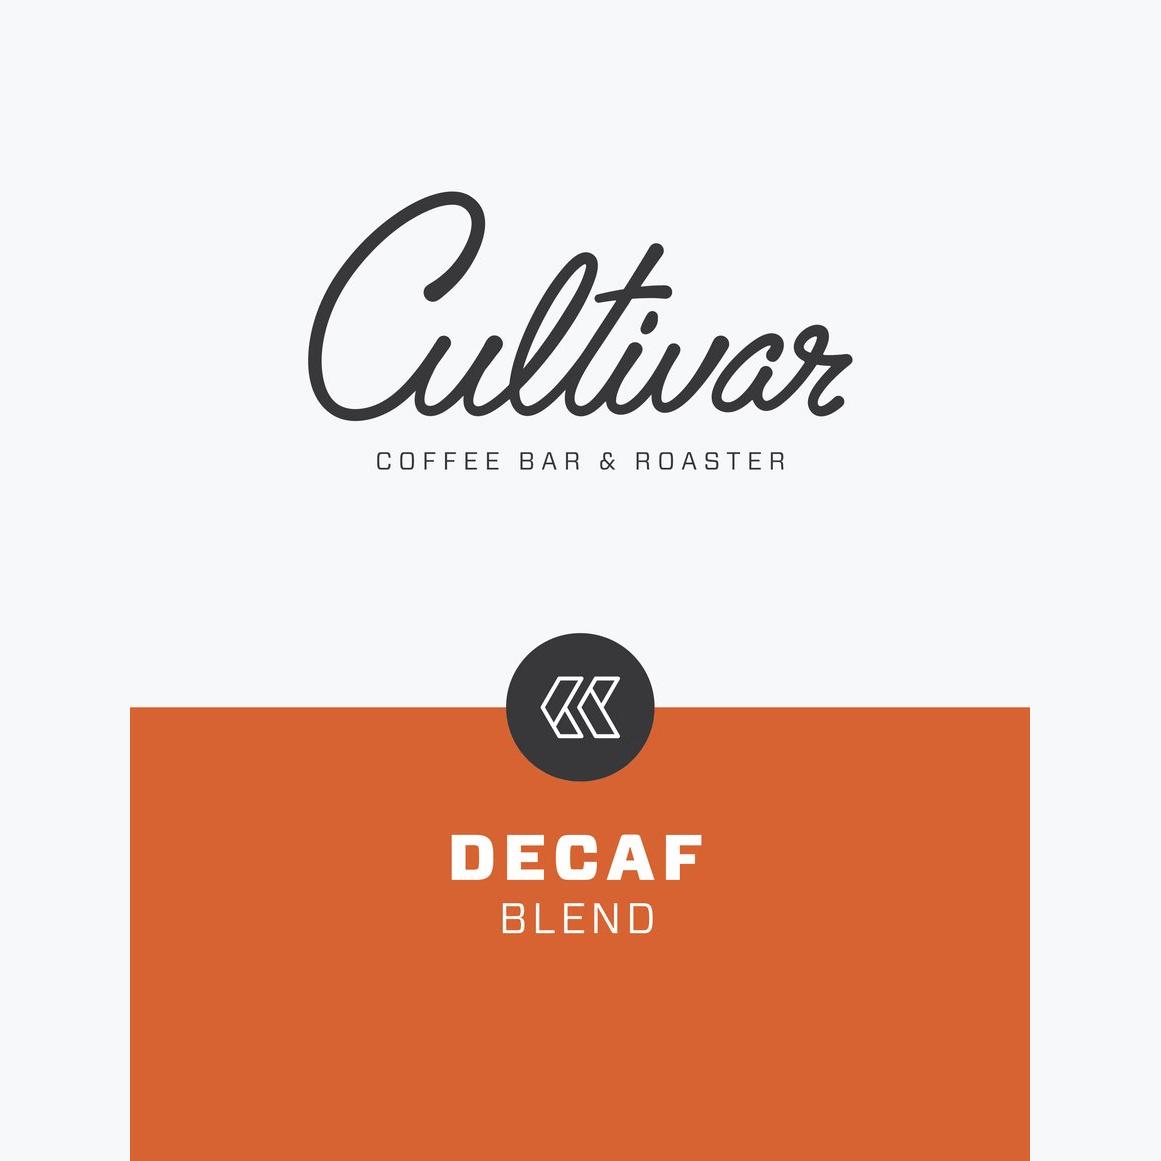 Decaf Blend from Cultivar